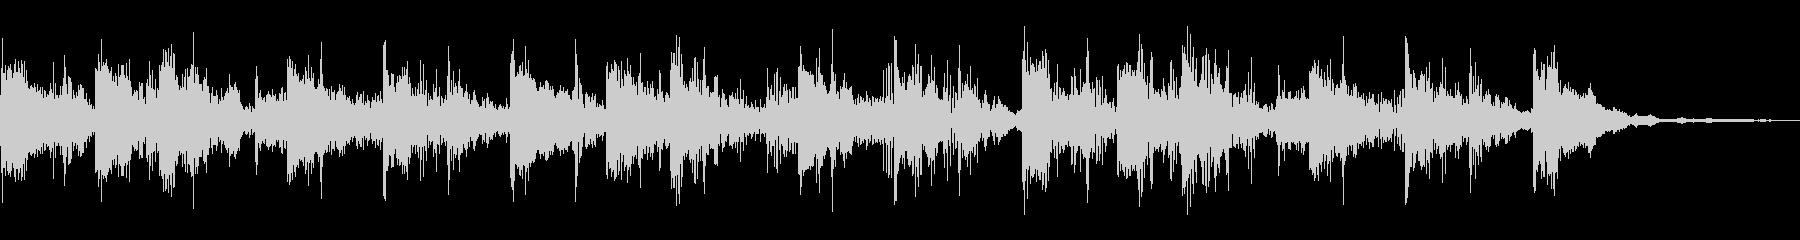 リバーブタグの未再生の波形